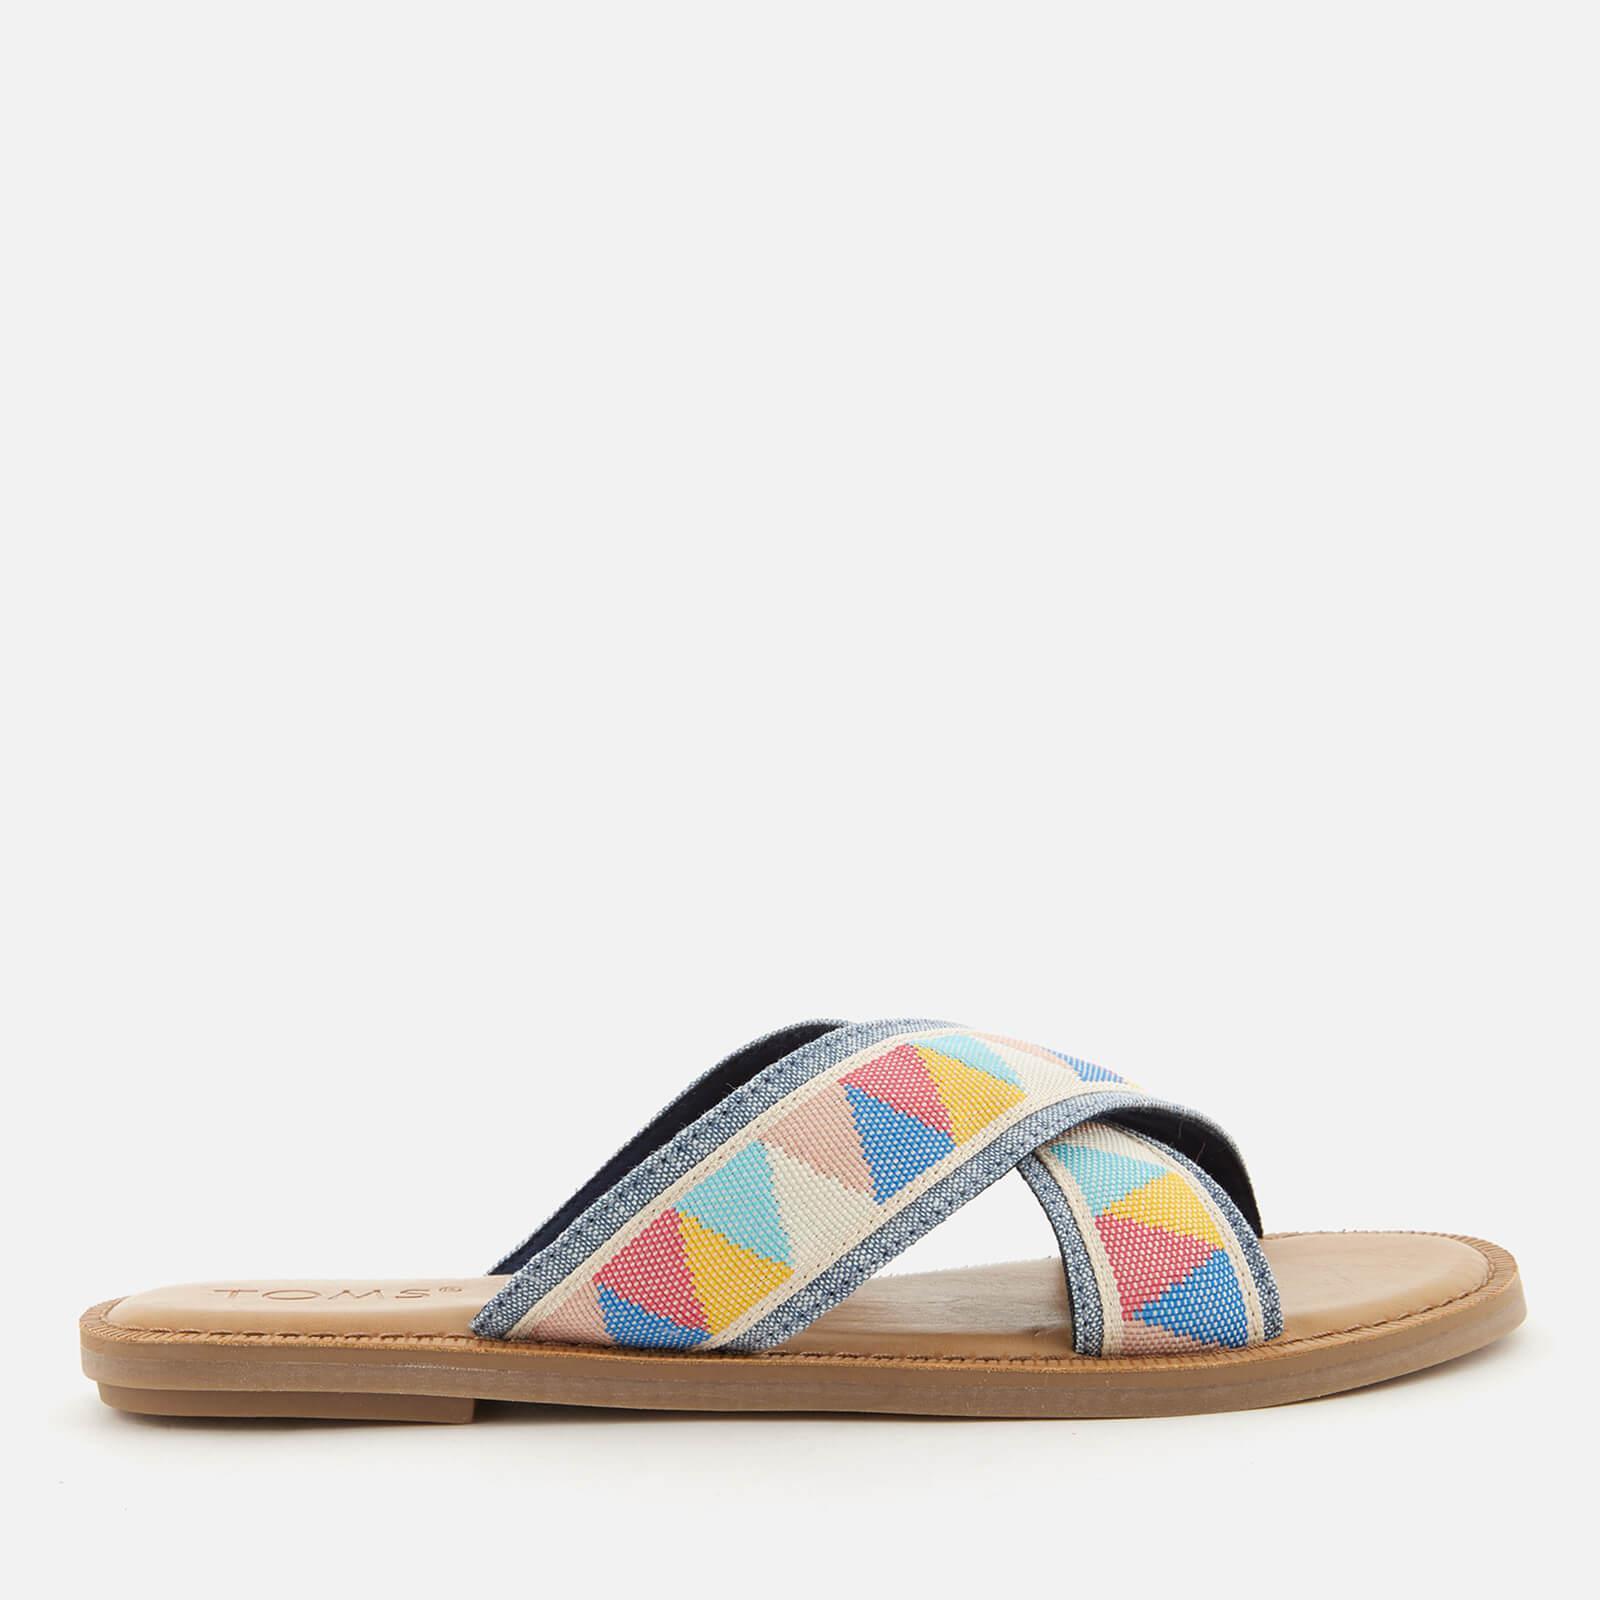 bbe03a3d73e1ac Lyst - Toms Viv Cross Front Slide Sandals in Blue